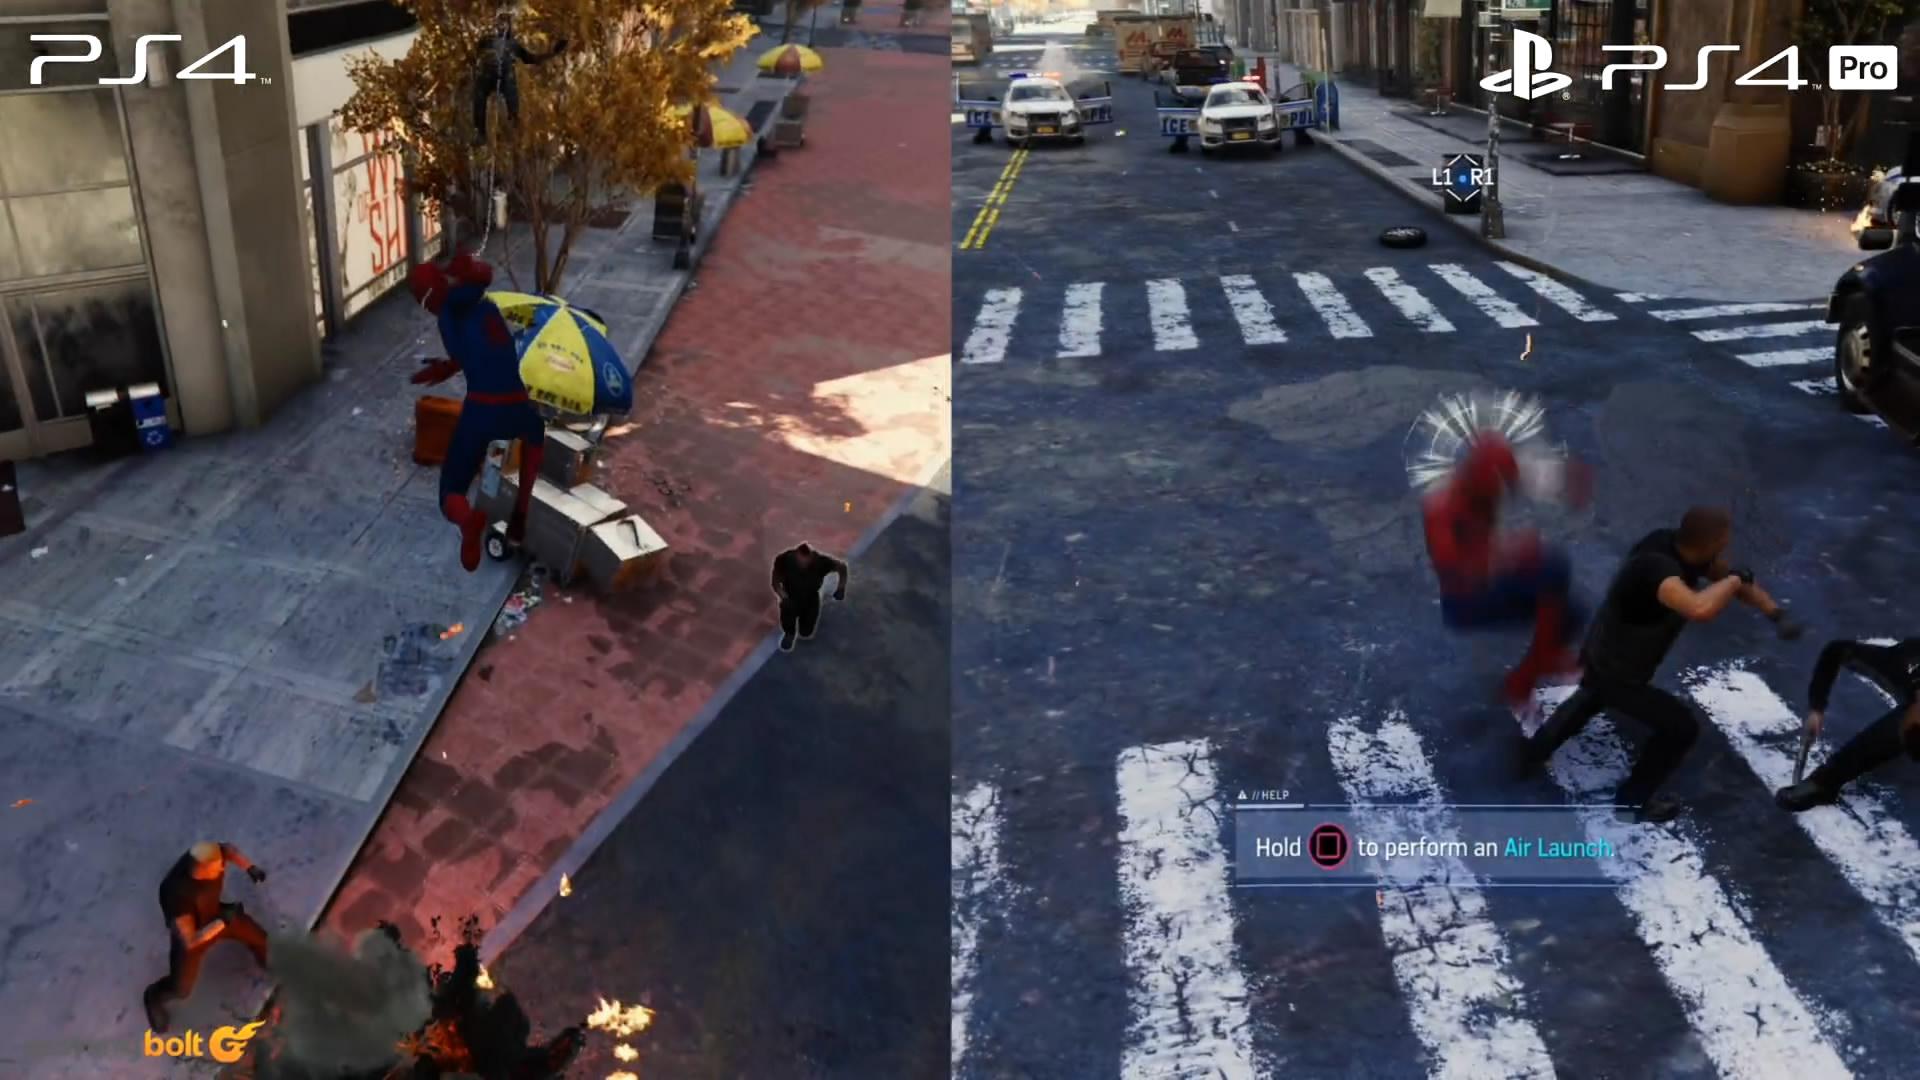 《蜘蛛侠》PS4和PS4 Pro版画面对比 后者画面更精美